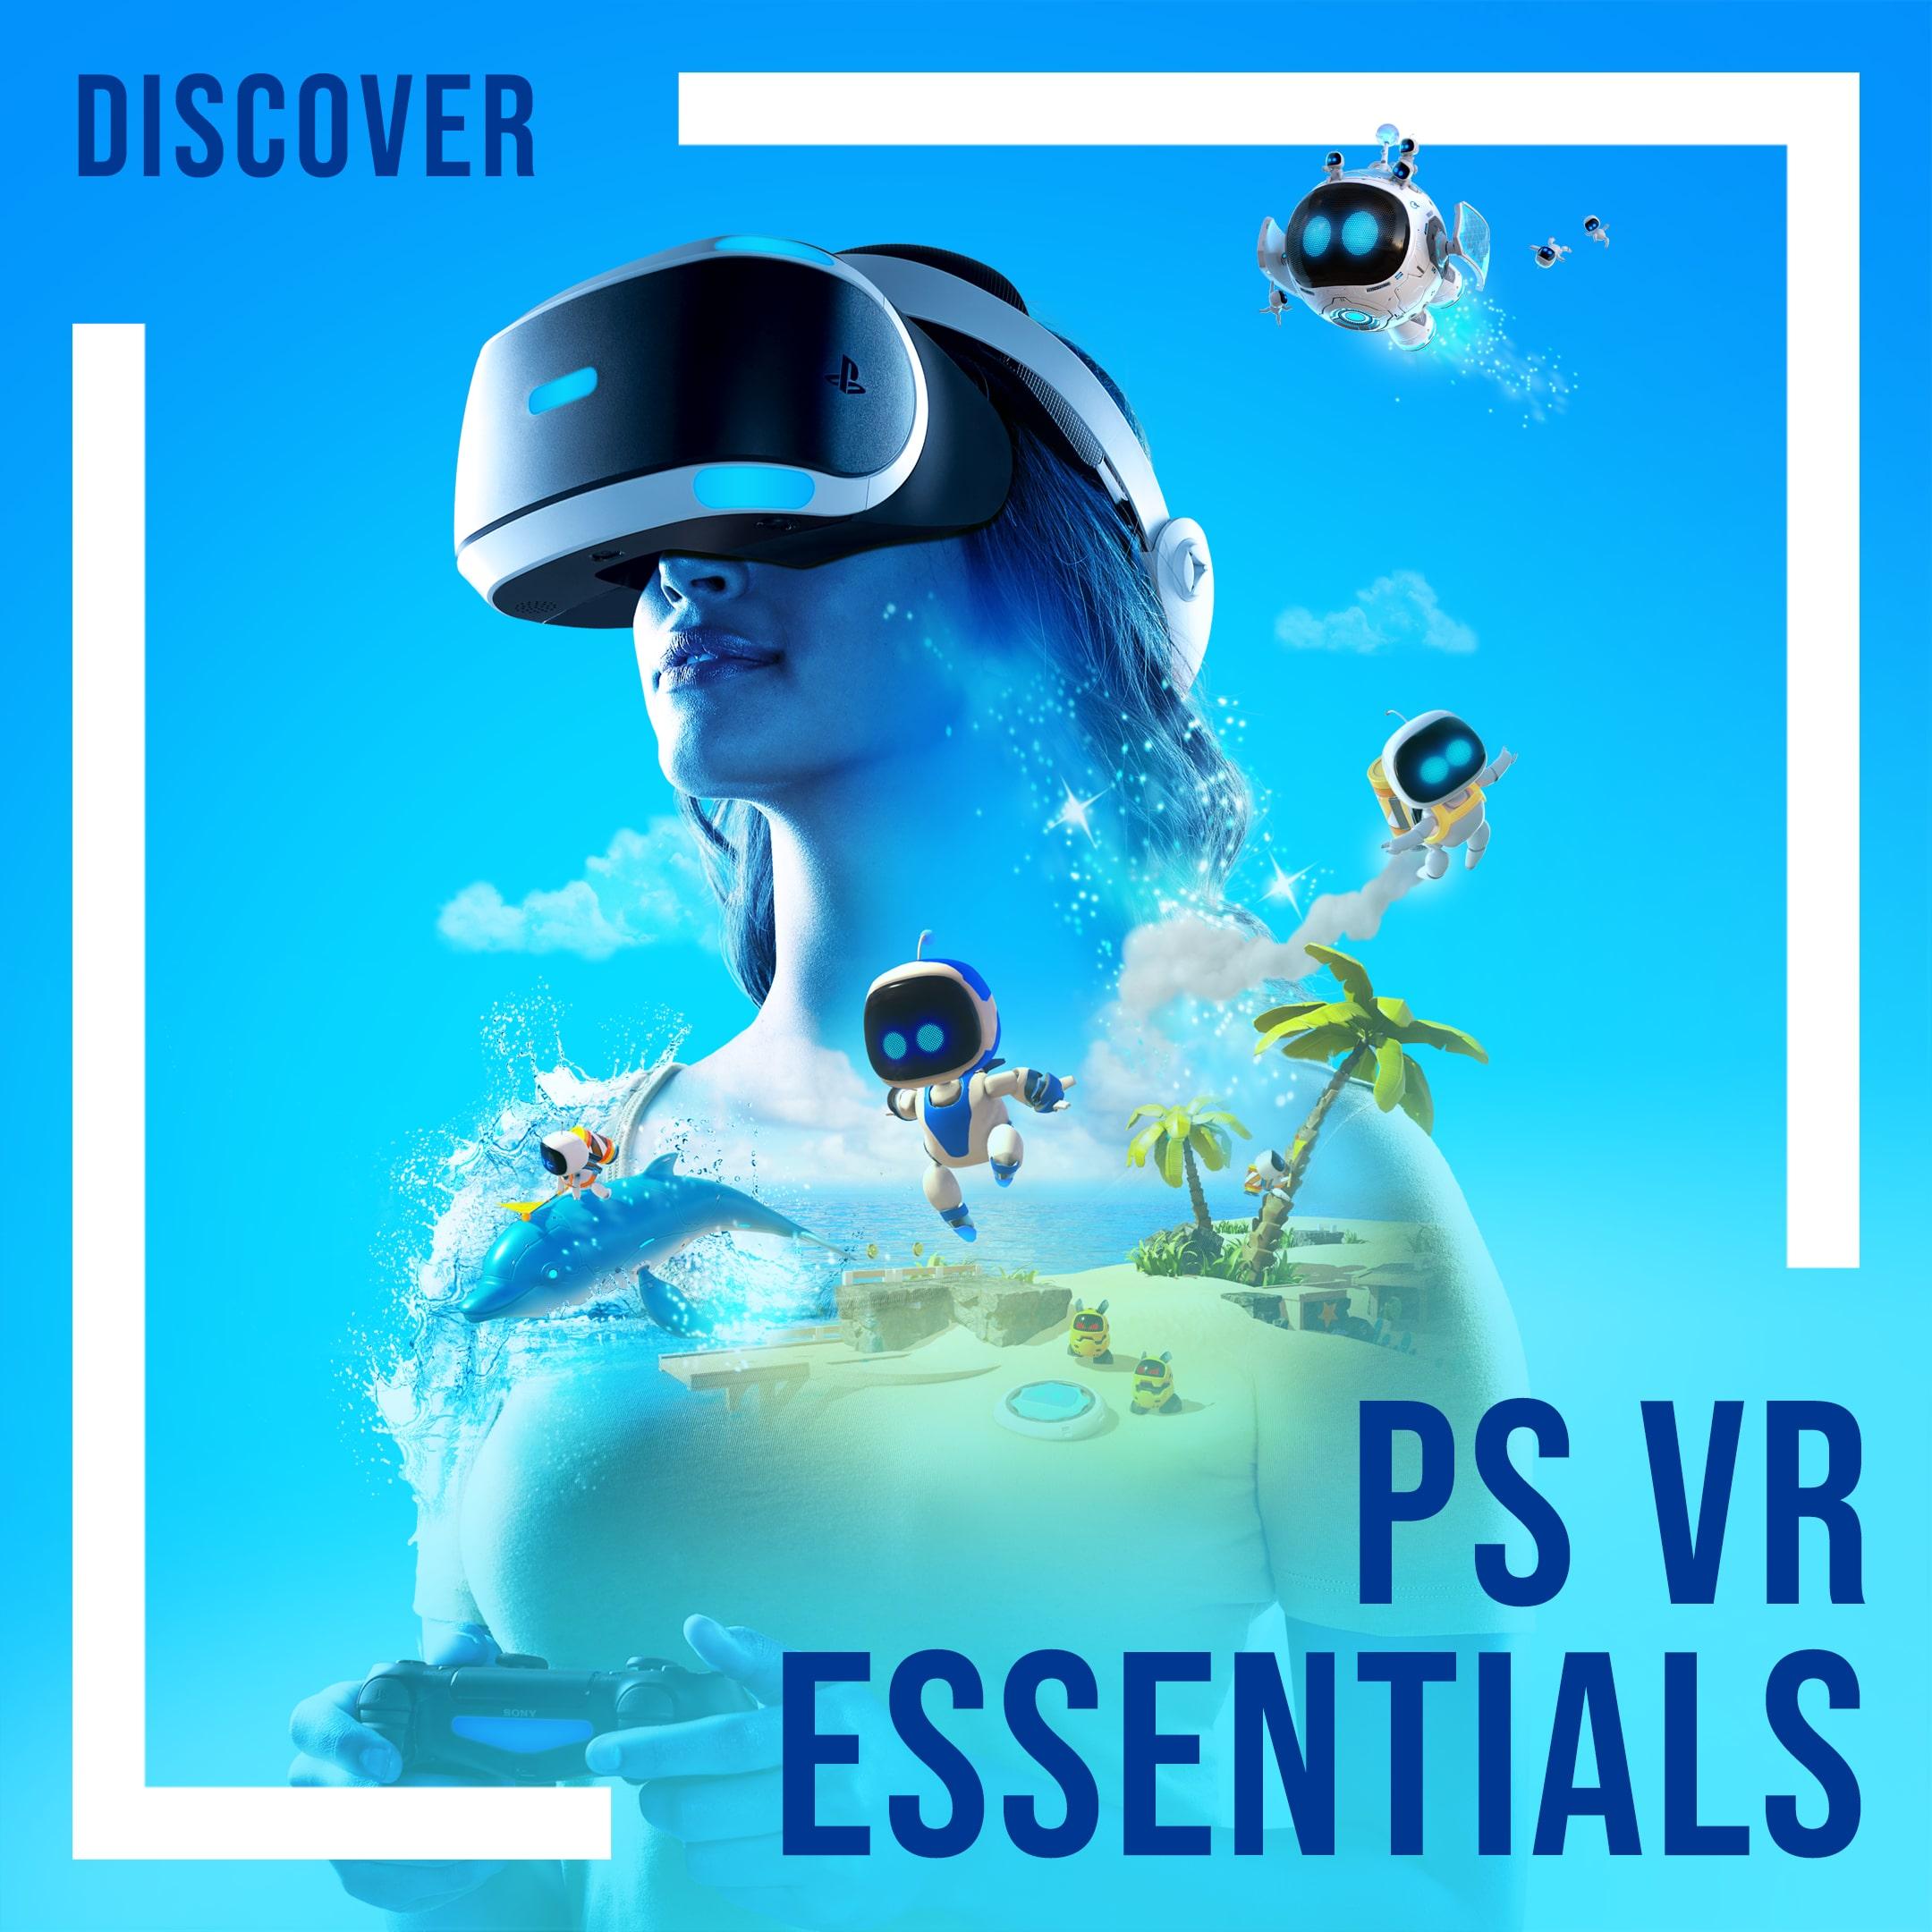 [EDITORIAL] PS VR Essentials